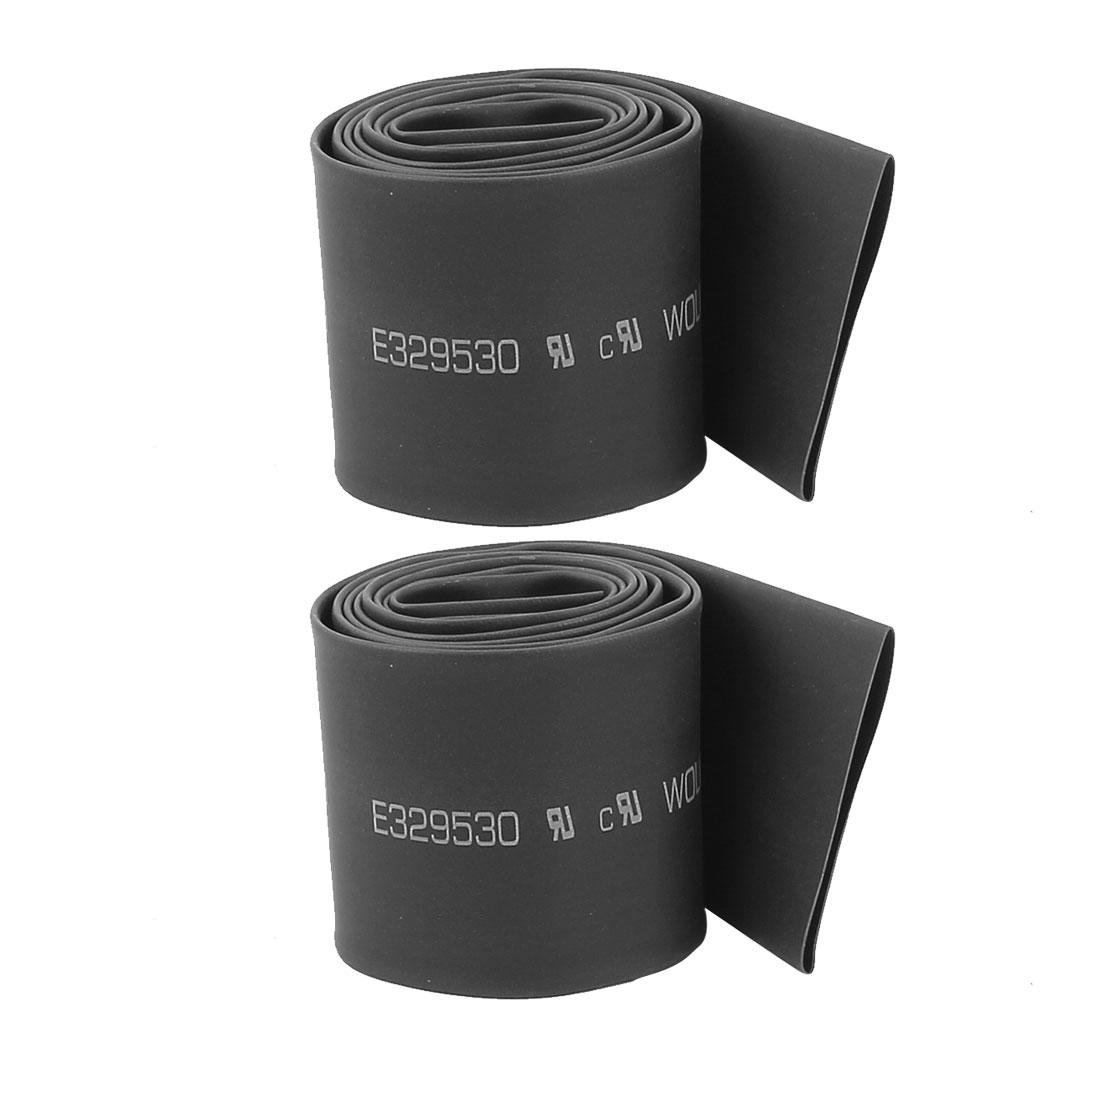 2Pcs 30mm Diameter Black Polyolefin Heat Shrink Tube Shrinkable Sleeving 90cm Long